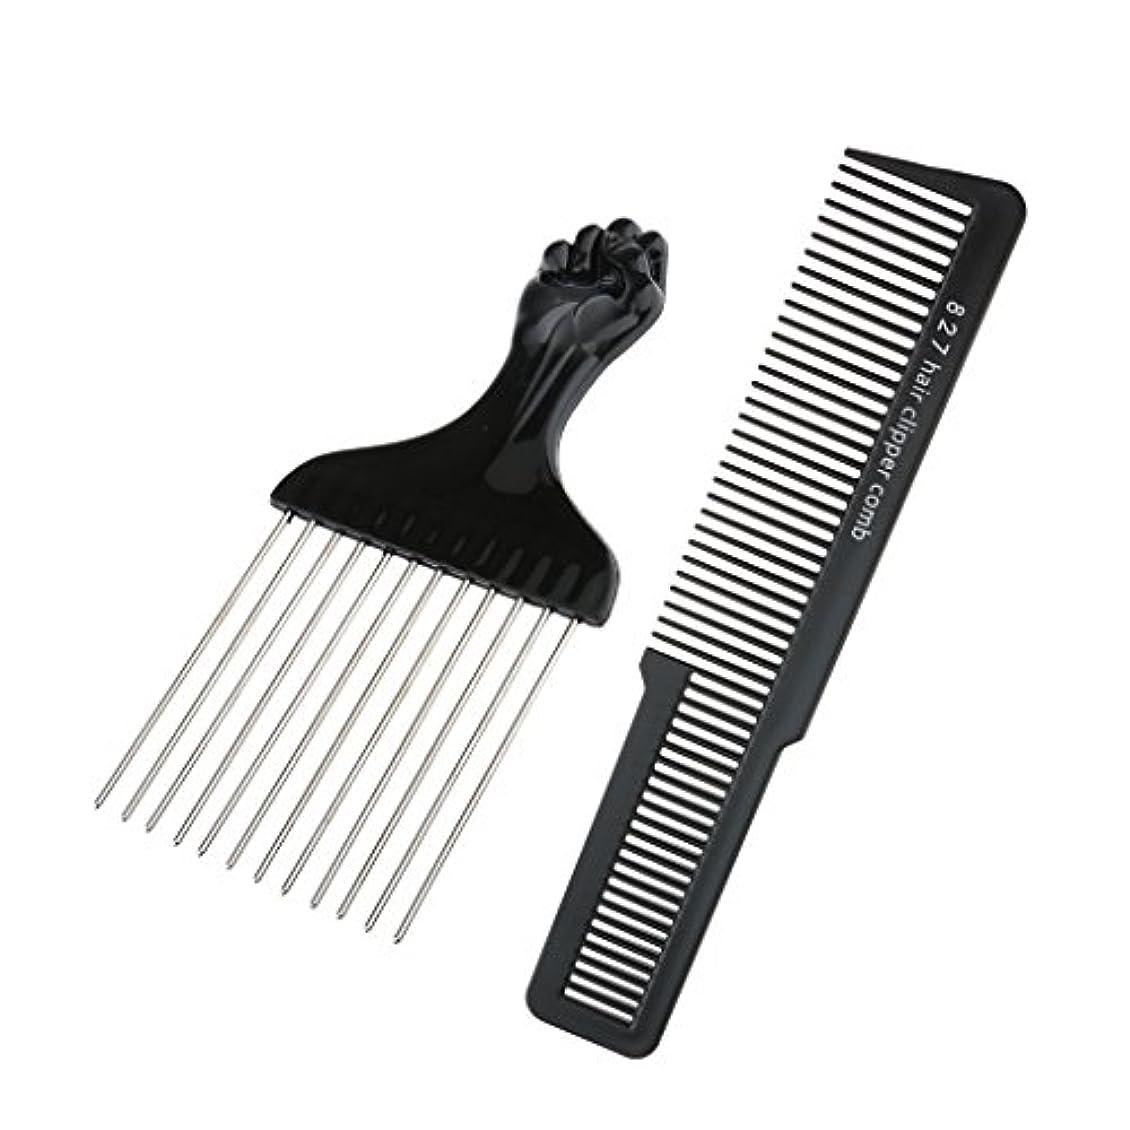 泥直径革命黒拳で理髪ヘアカットクリッパーコーム+アフロヘアリフティングピックコームデタングルブラシ